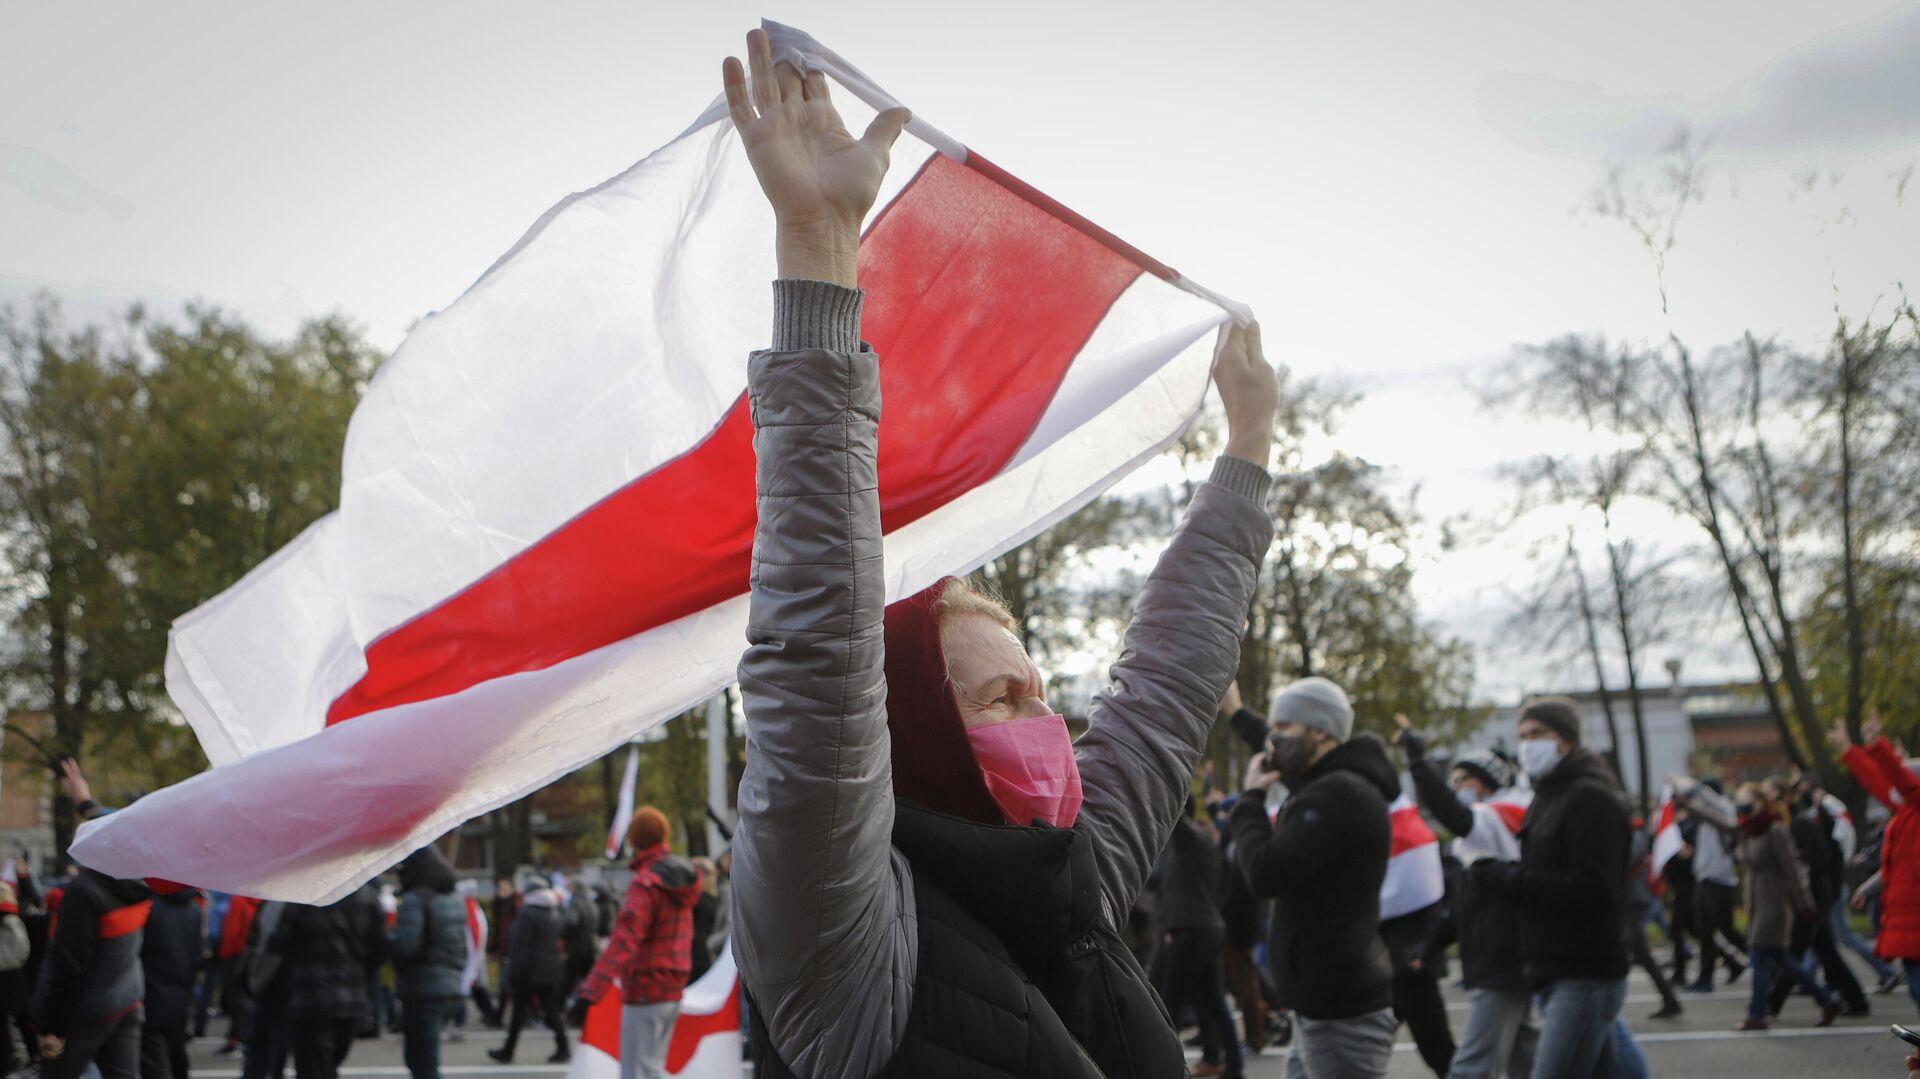 Участники акции протеста в Минске - РИА Новости, 1920, 18.10.2020